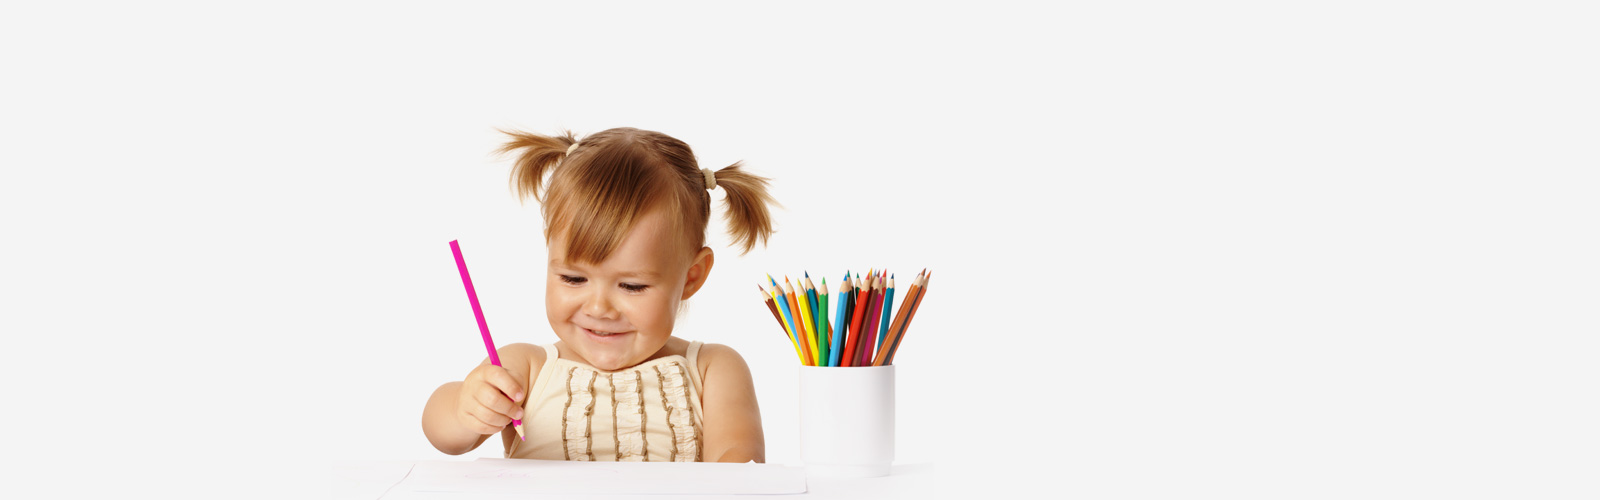 Kind mit Buntstiften